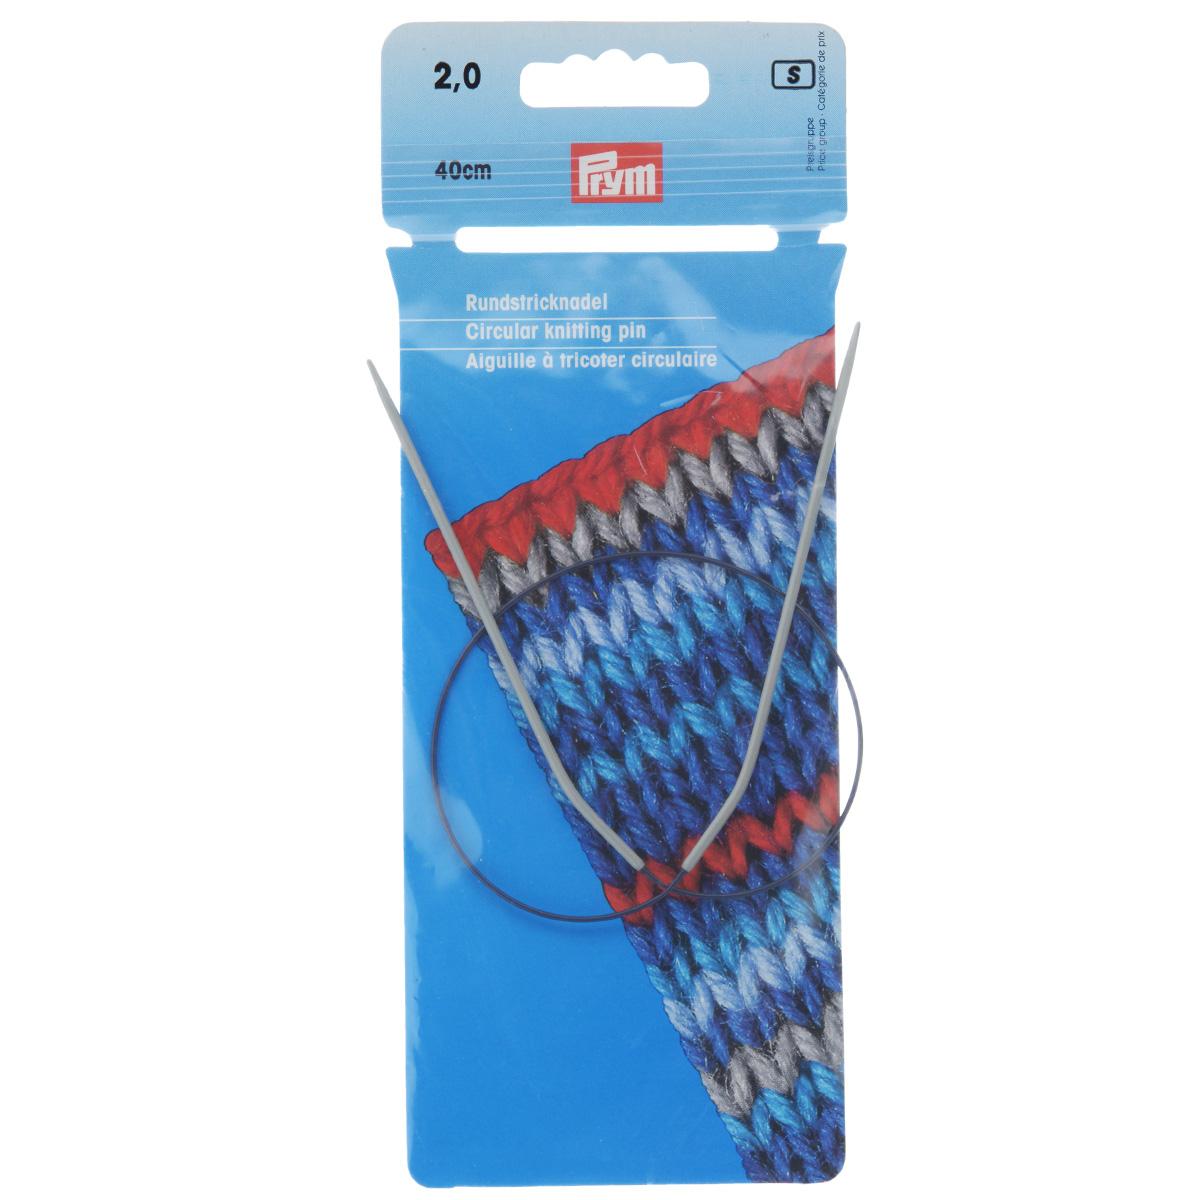 Спицы Prym, алюминиевые, круговые, диаметр 2 мм, длина 40 см211200Спицы для вязания Prym изготовлены из алюминия. Кончики спиц закругленные. Спицы скреплены гибким, пластиковым шнуром. Они прочные, легкие, гладкие, удобные в использовании. Круговые спицы наиболее удобны для выполнения деталей и изделий, не имеющих швов. Короткими круговыми спицами вяжут бейки горловины, воротники-гольф, длинными спицами можно вязать по кругу целые модели. Вы сможете вязать для себя, делать подарки друзьям. Рукоделие всегда считалось изысканным, благородным делом. Работа, сделанная своими руками, долго будет радовать вас и ваших близких. Диаметр: 2 мм. Материал: алюминий, пластик.